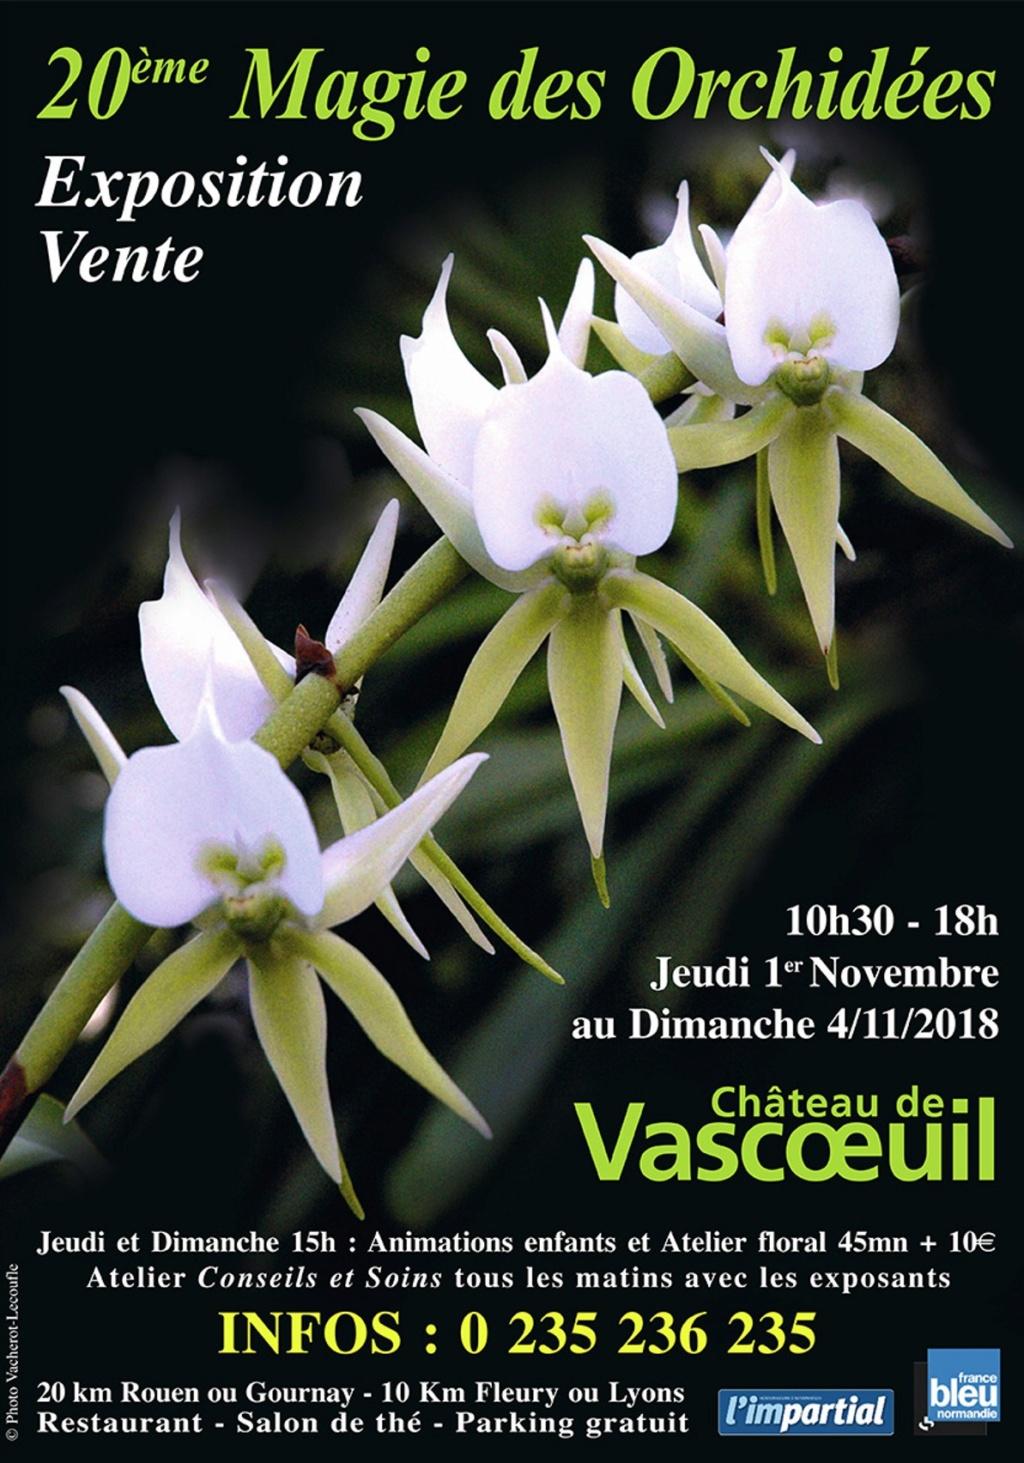 Chateau de Vascoeuil près de Rouen Hhhhhh10